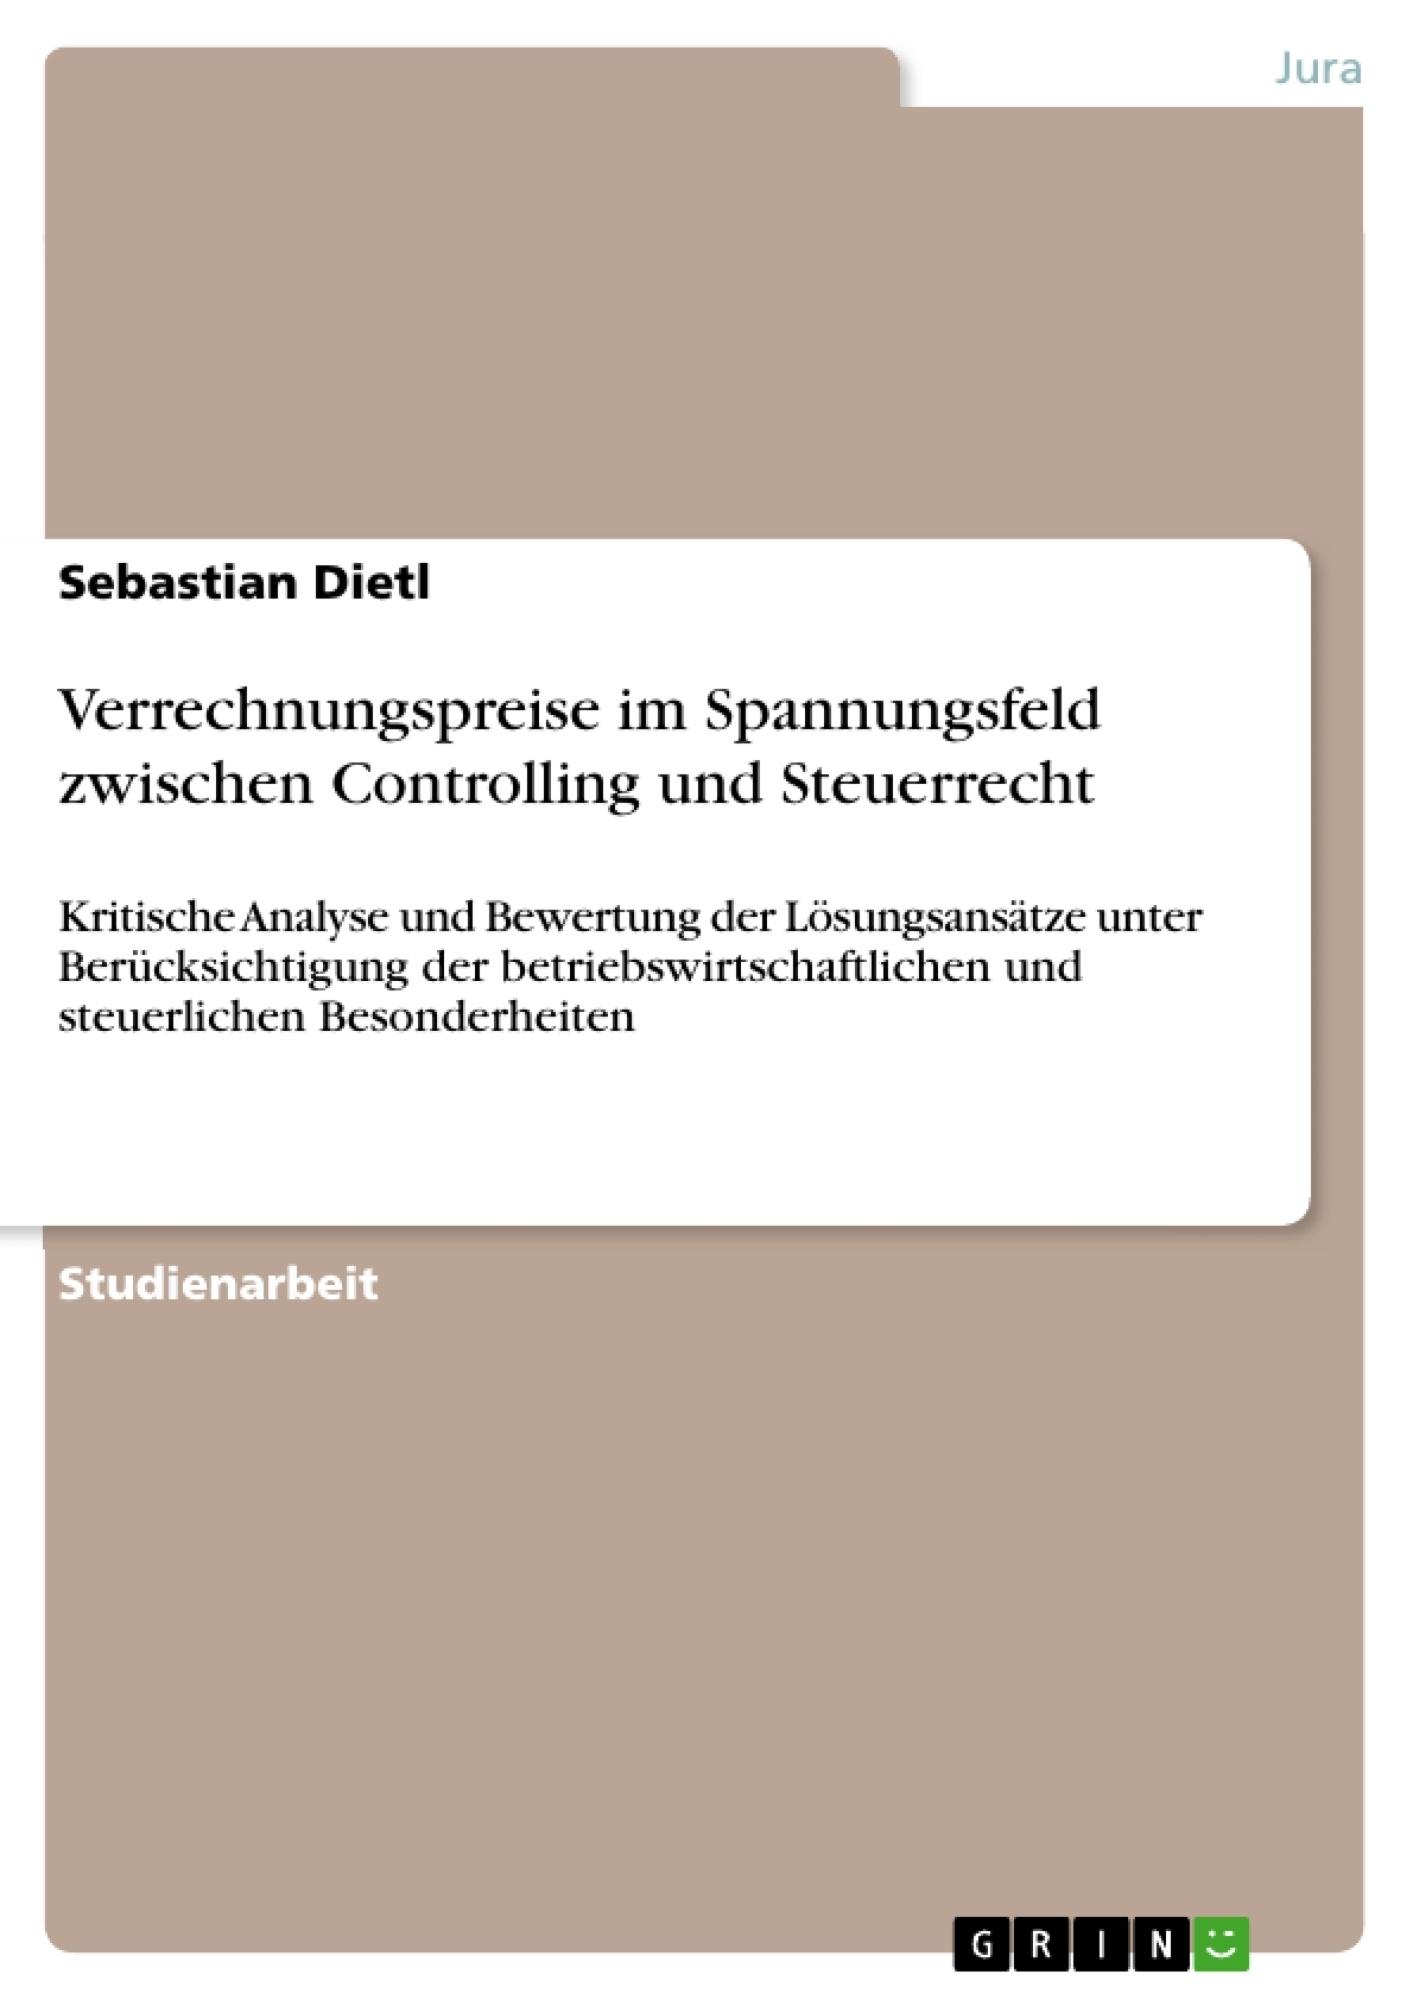 Titel: Verrechnungspreise im Spannungsfeld zwischen Controlling und Steuerrecht